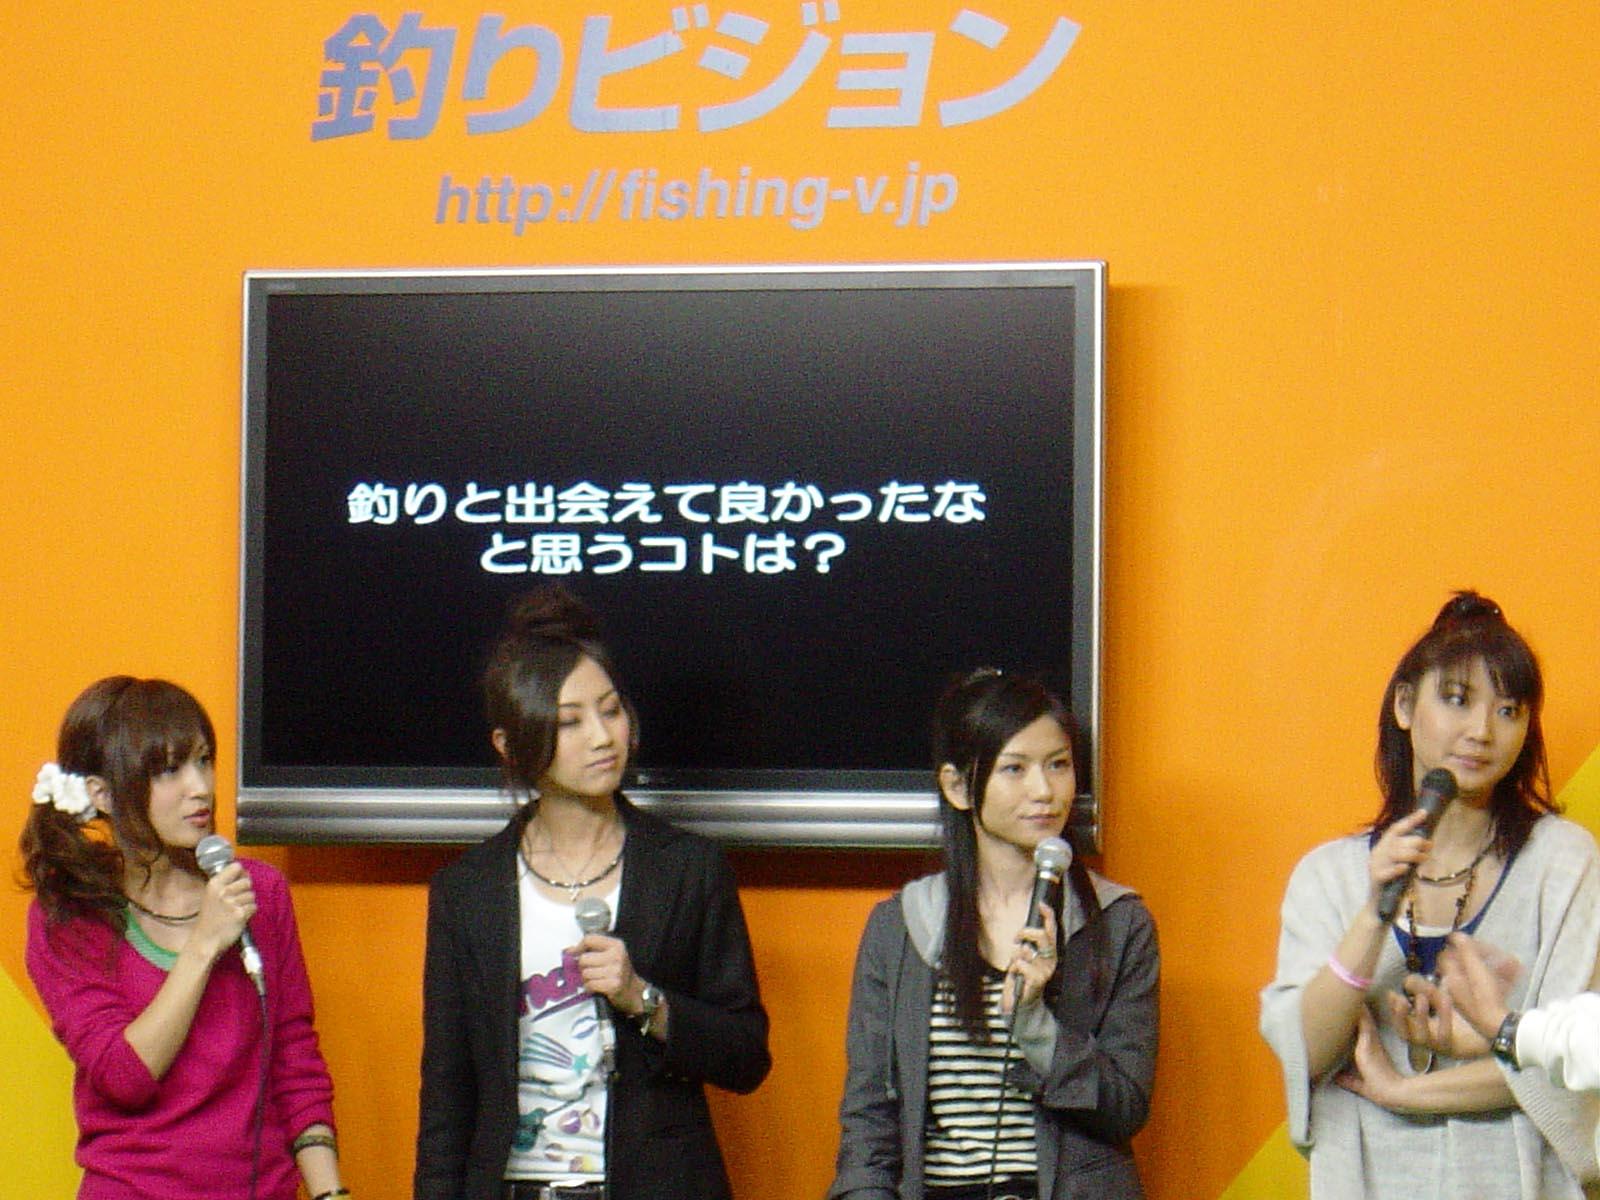 行って参りましたよぉ~ 国際フィッシングショー2009 in横浜_c0008395_0415217.jpg